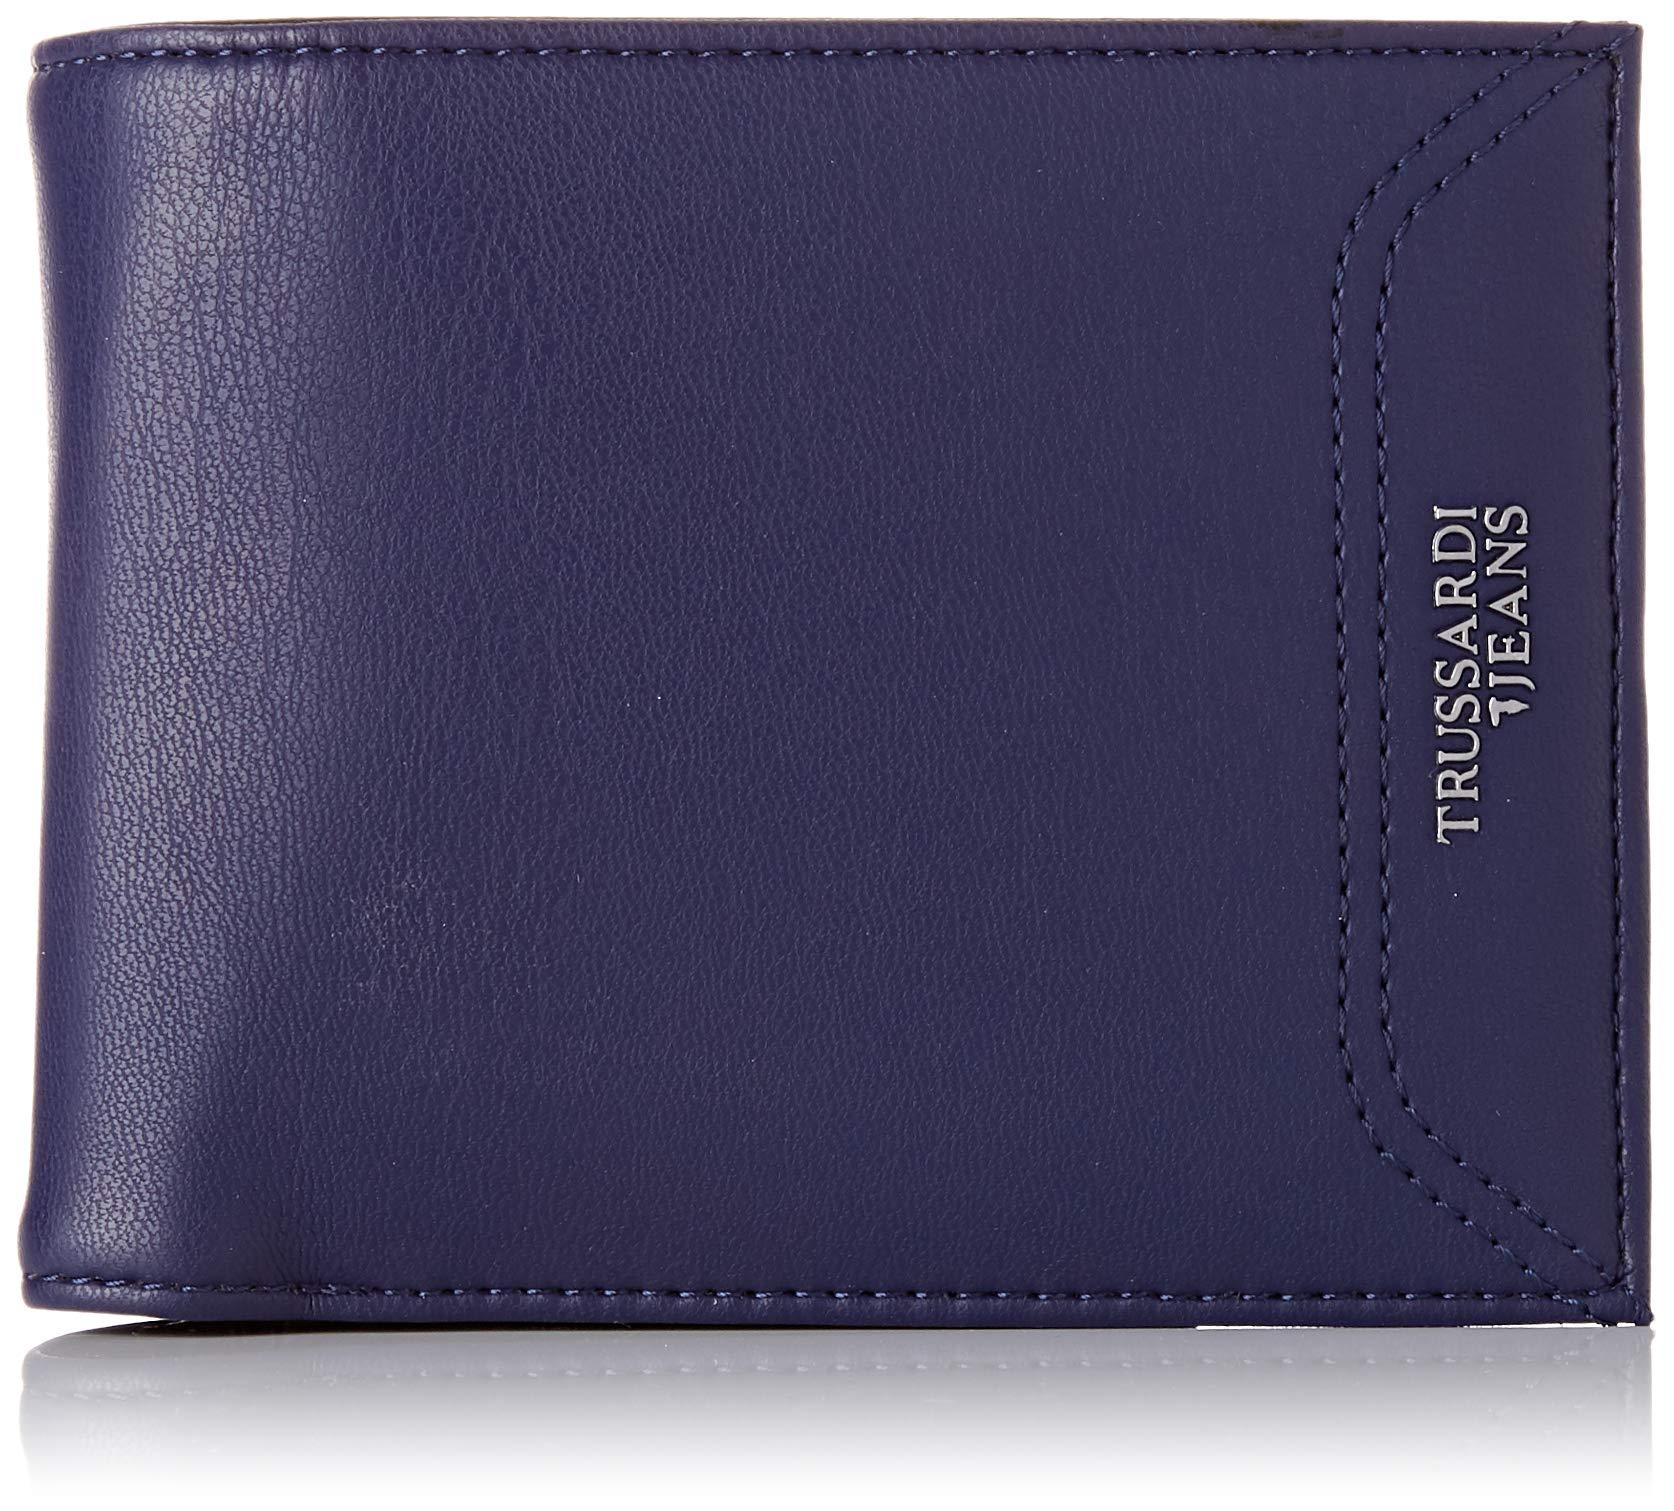 Trussardi Jeans Business X CoinPorte Essential HommeBleunavy L H monnaie Blue2x11x13 Wallet Cmw T3clK1FJ